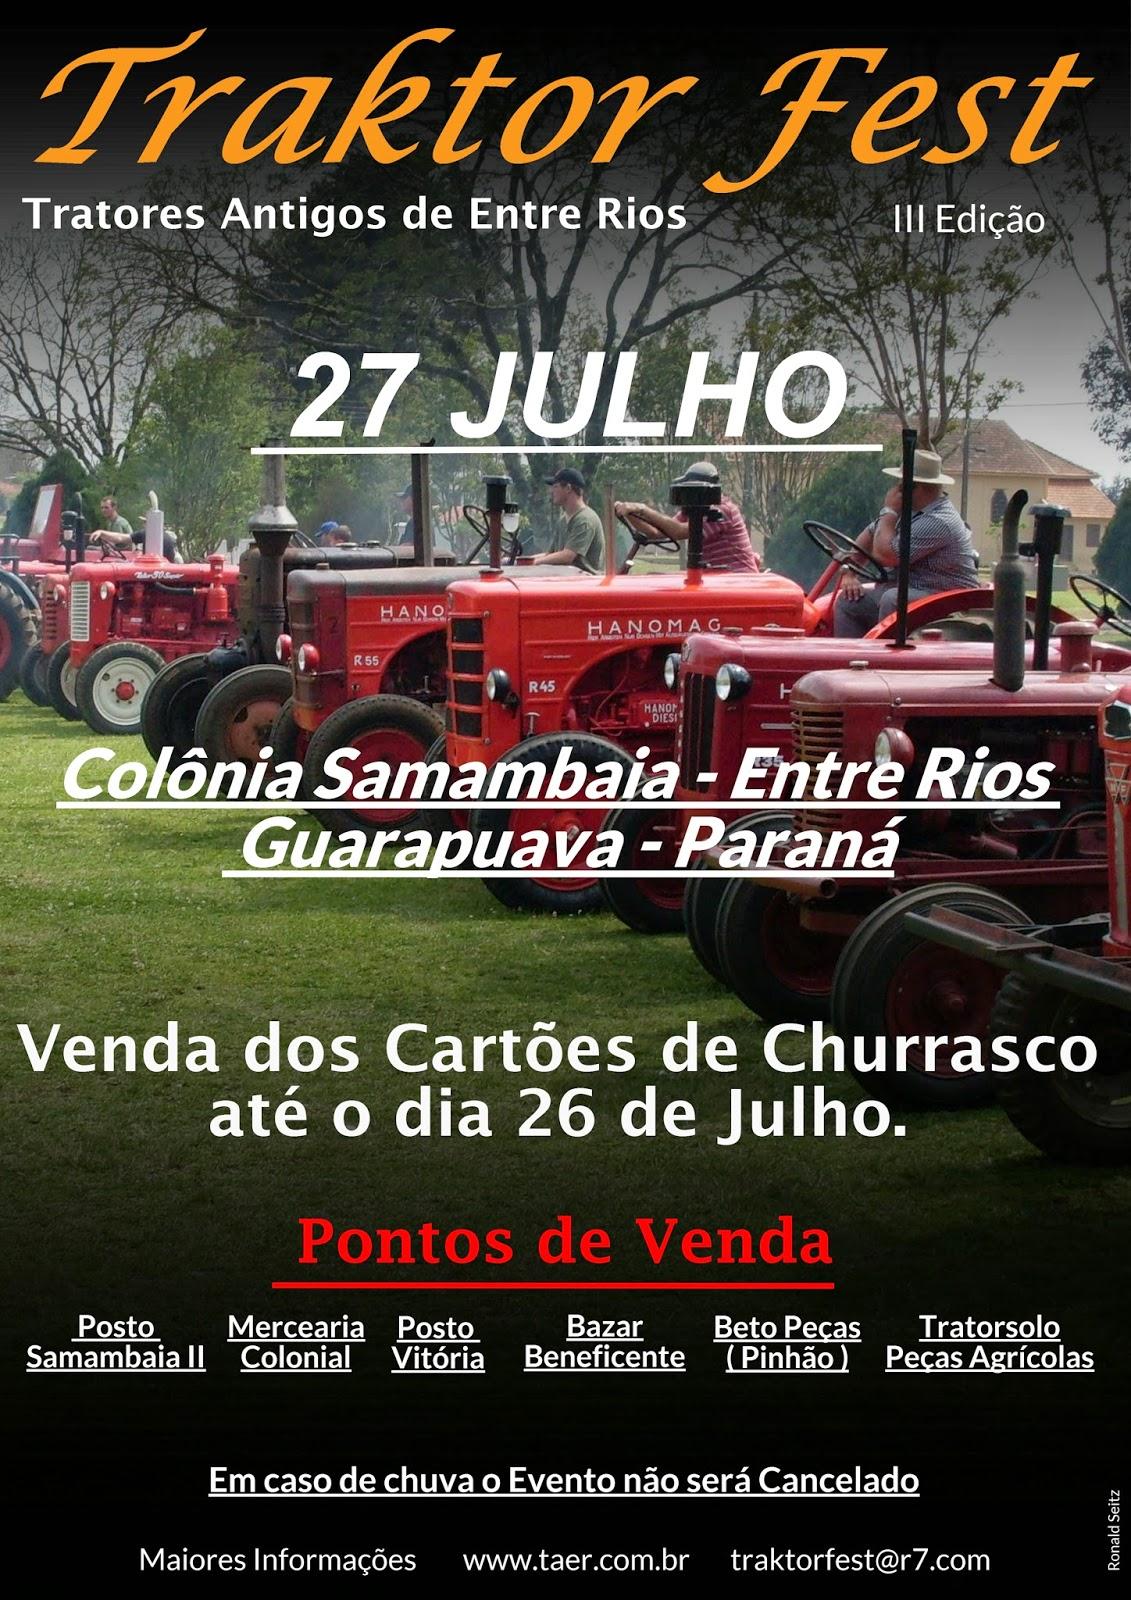 Tratores Antigos de Entre Rios realizam no dia 27 de Julho de 2014 a 3º Edição do Traktor Fest, o Evento será na Colonia Samambaia - Entre Rios - Guarapuava, onde é formado um encontro de tratores antigos de varias regiões e estados.